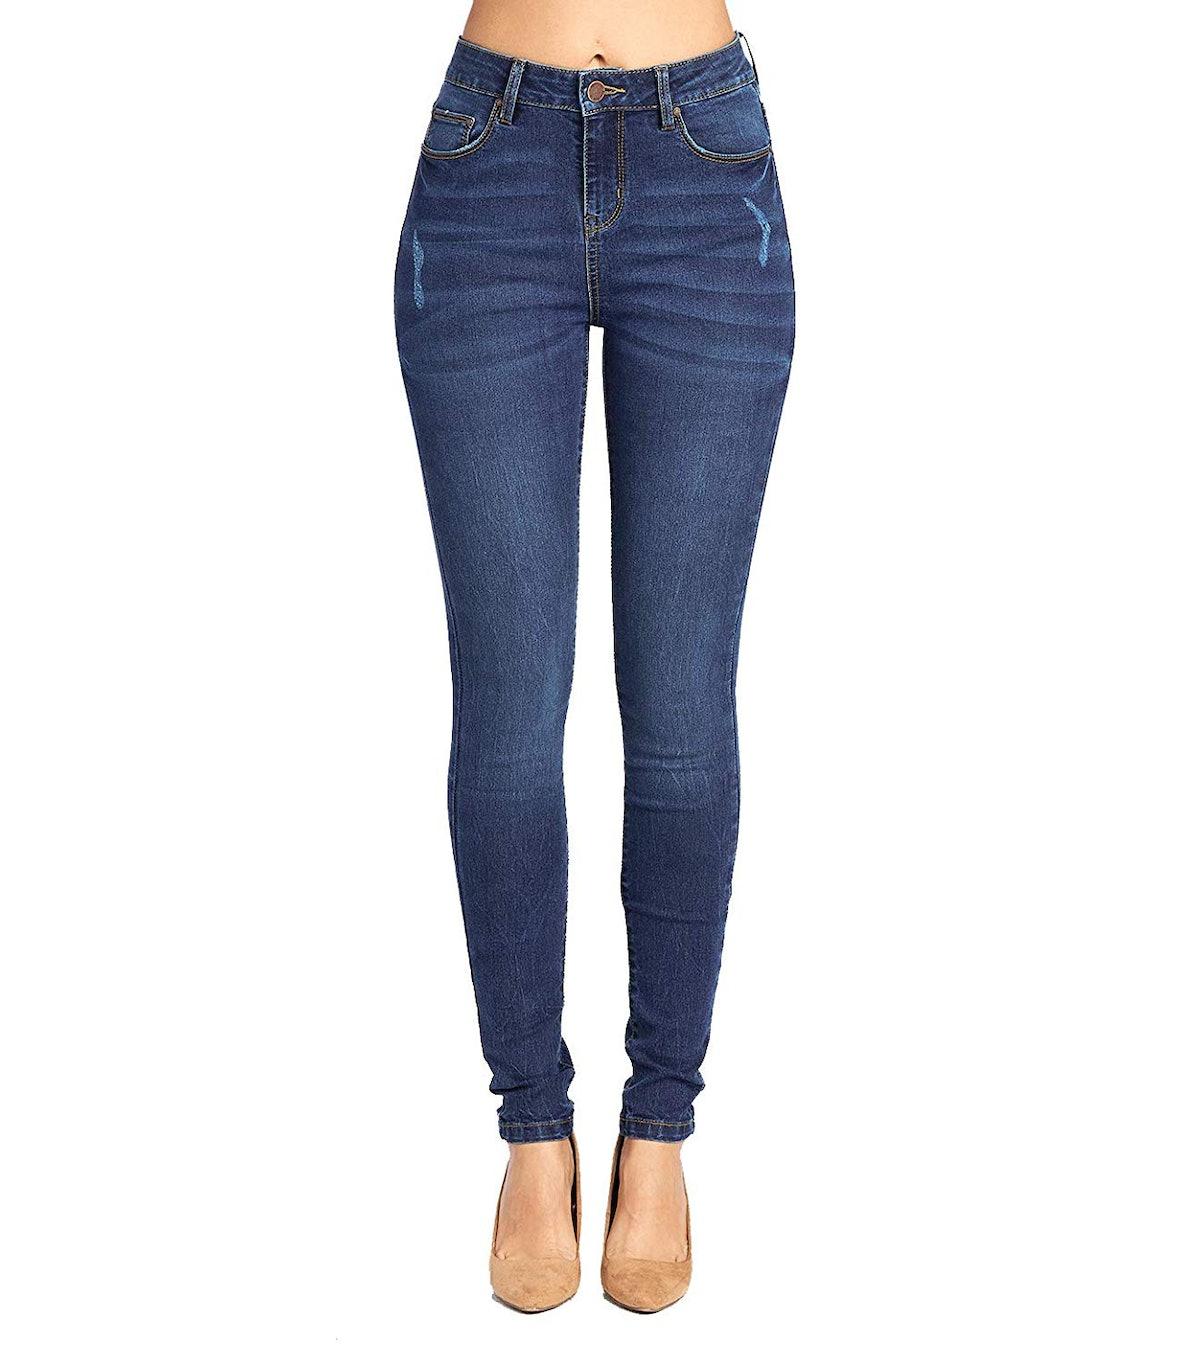 Blue Age Women's Skinny Jeans